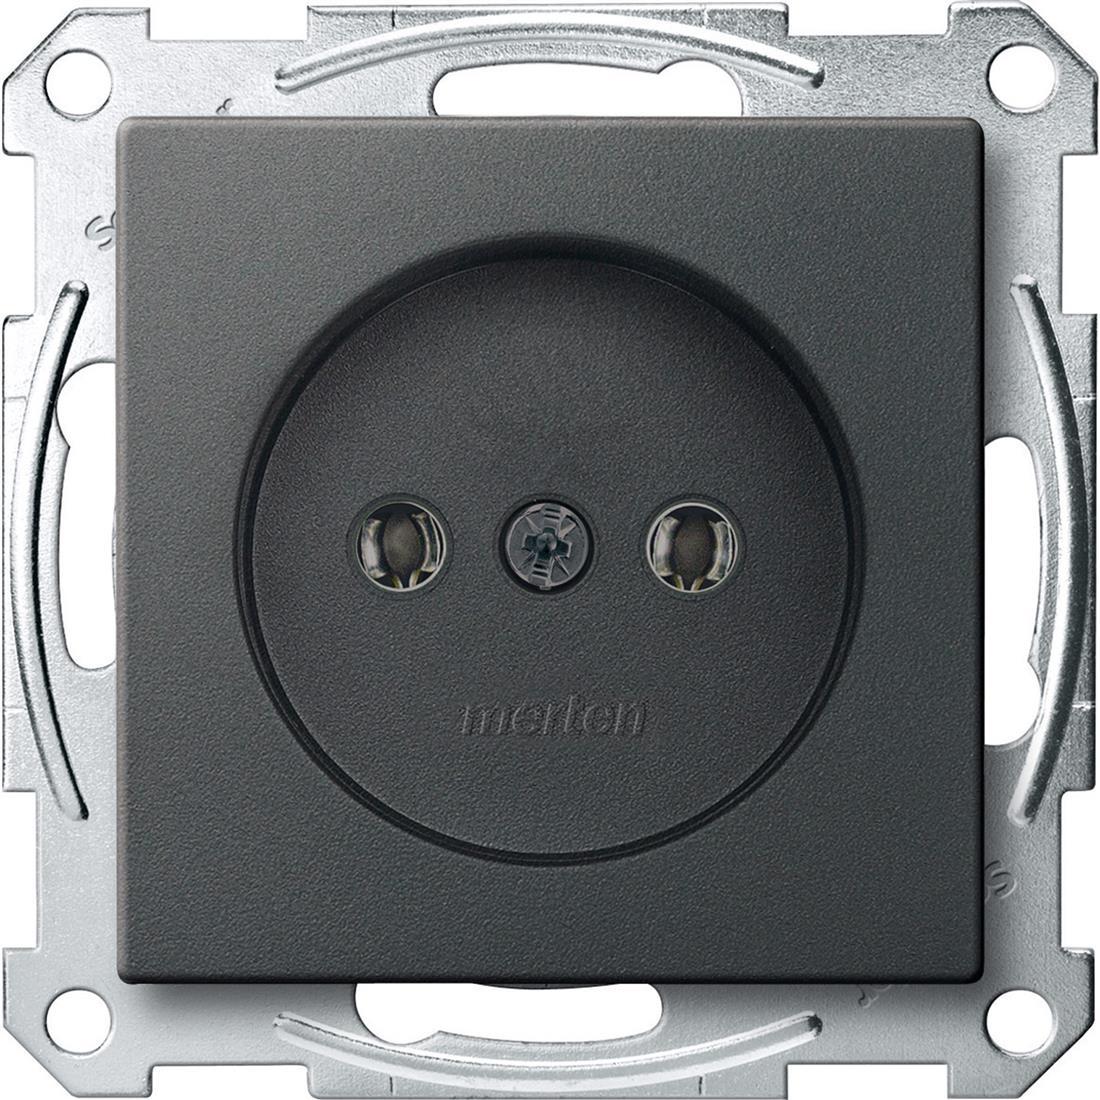 Schneider-Merten systeem M wandcontactdoos zonder randaarde met schroefliftklemmen - antraciet (MTN2001-0414)